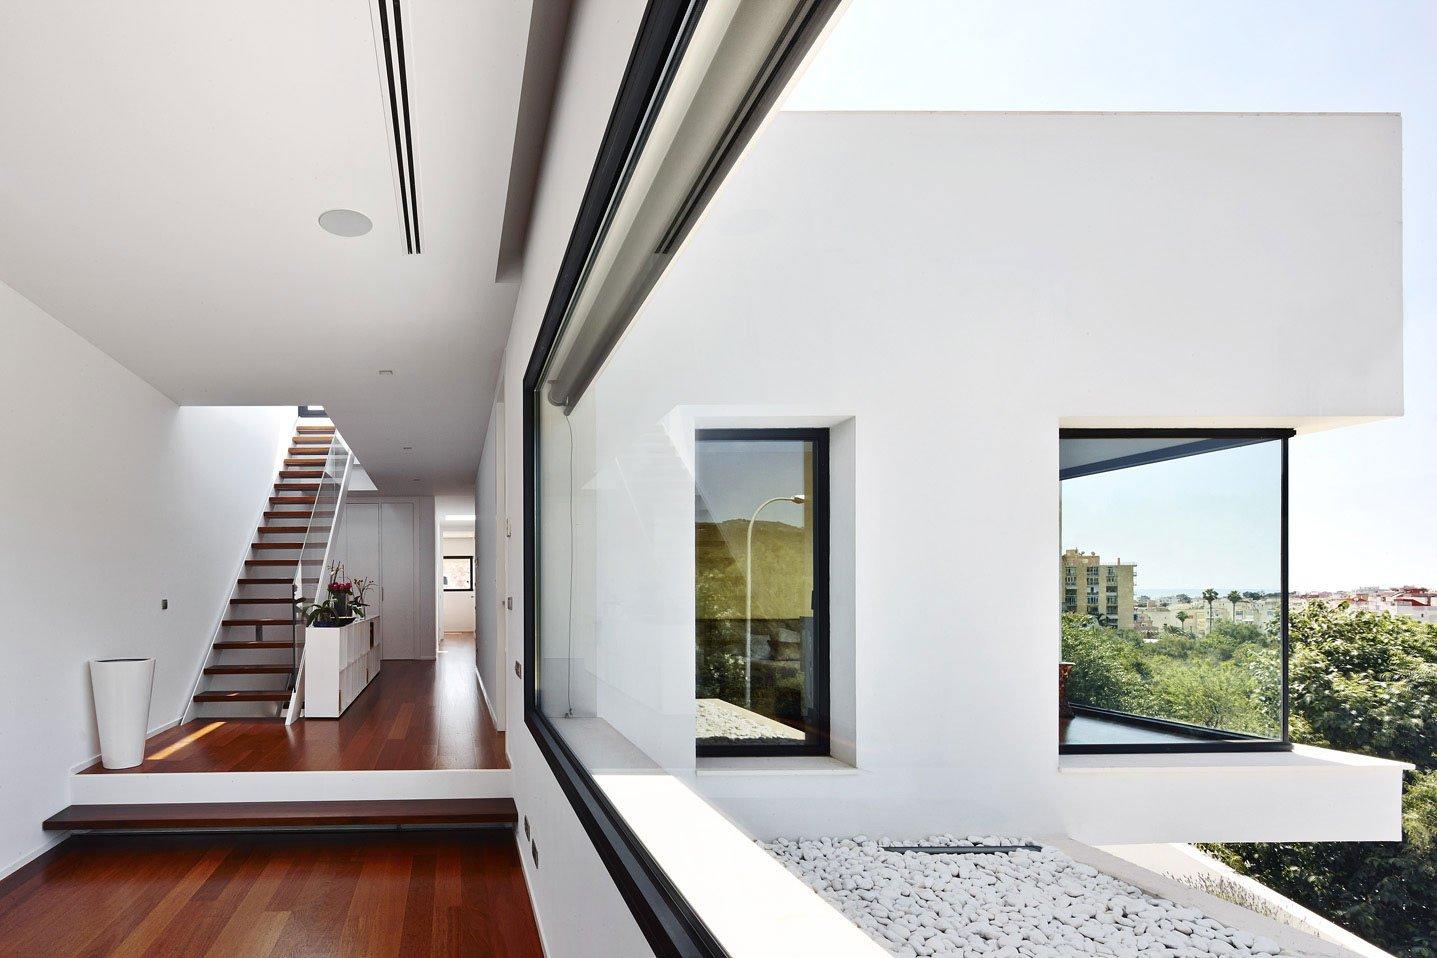 detalles de dise o de interiores de casa moderna